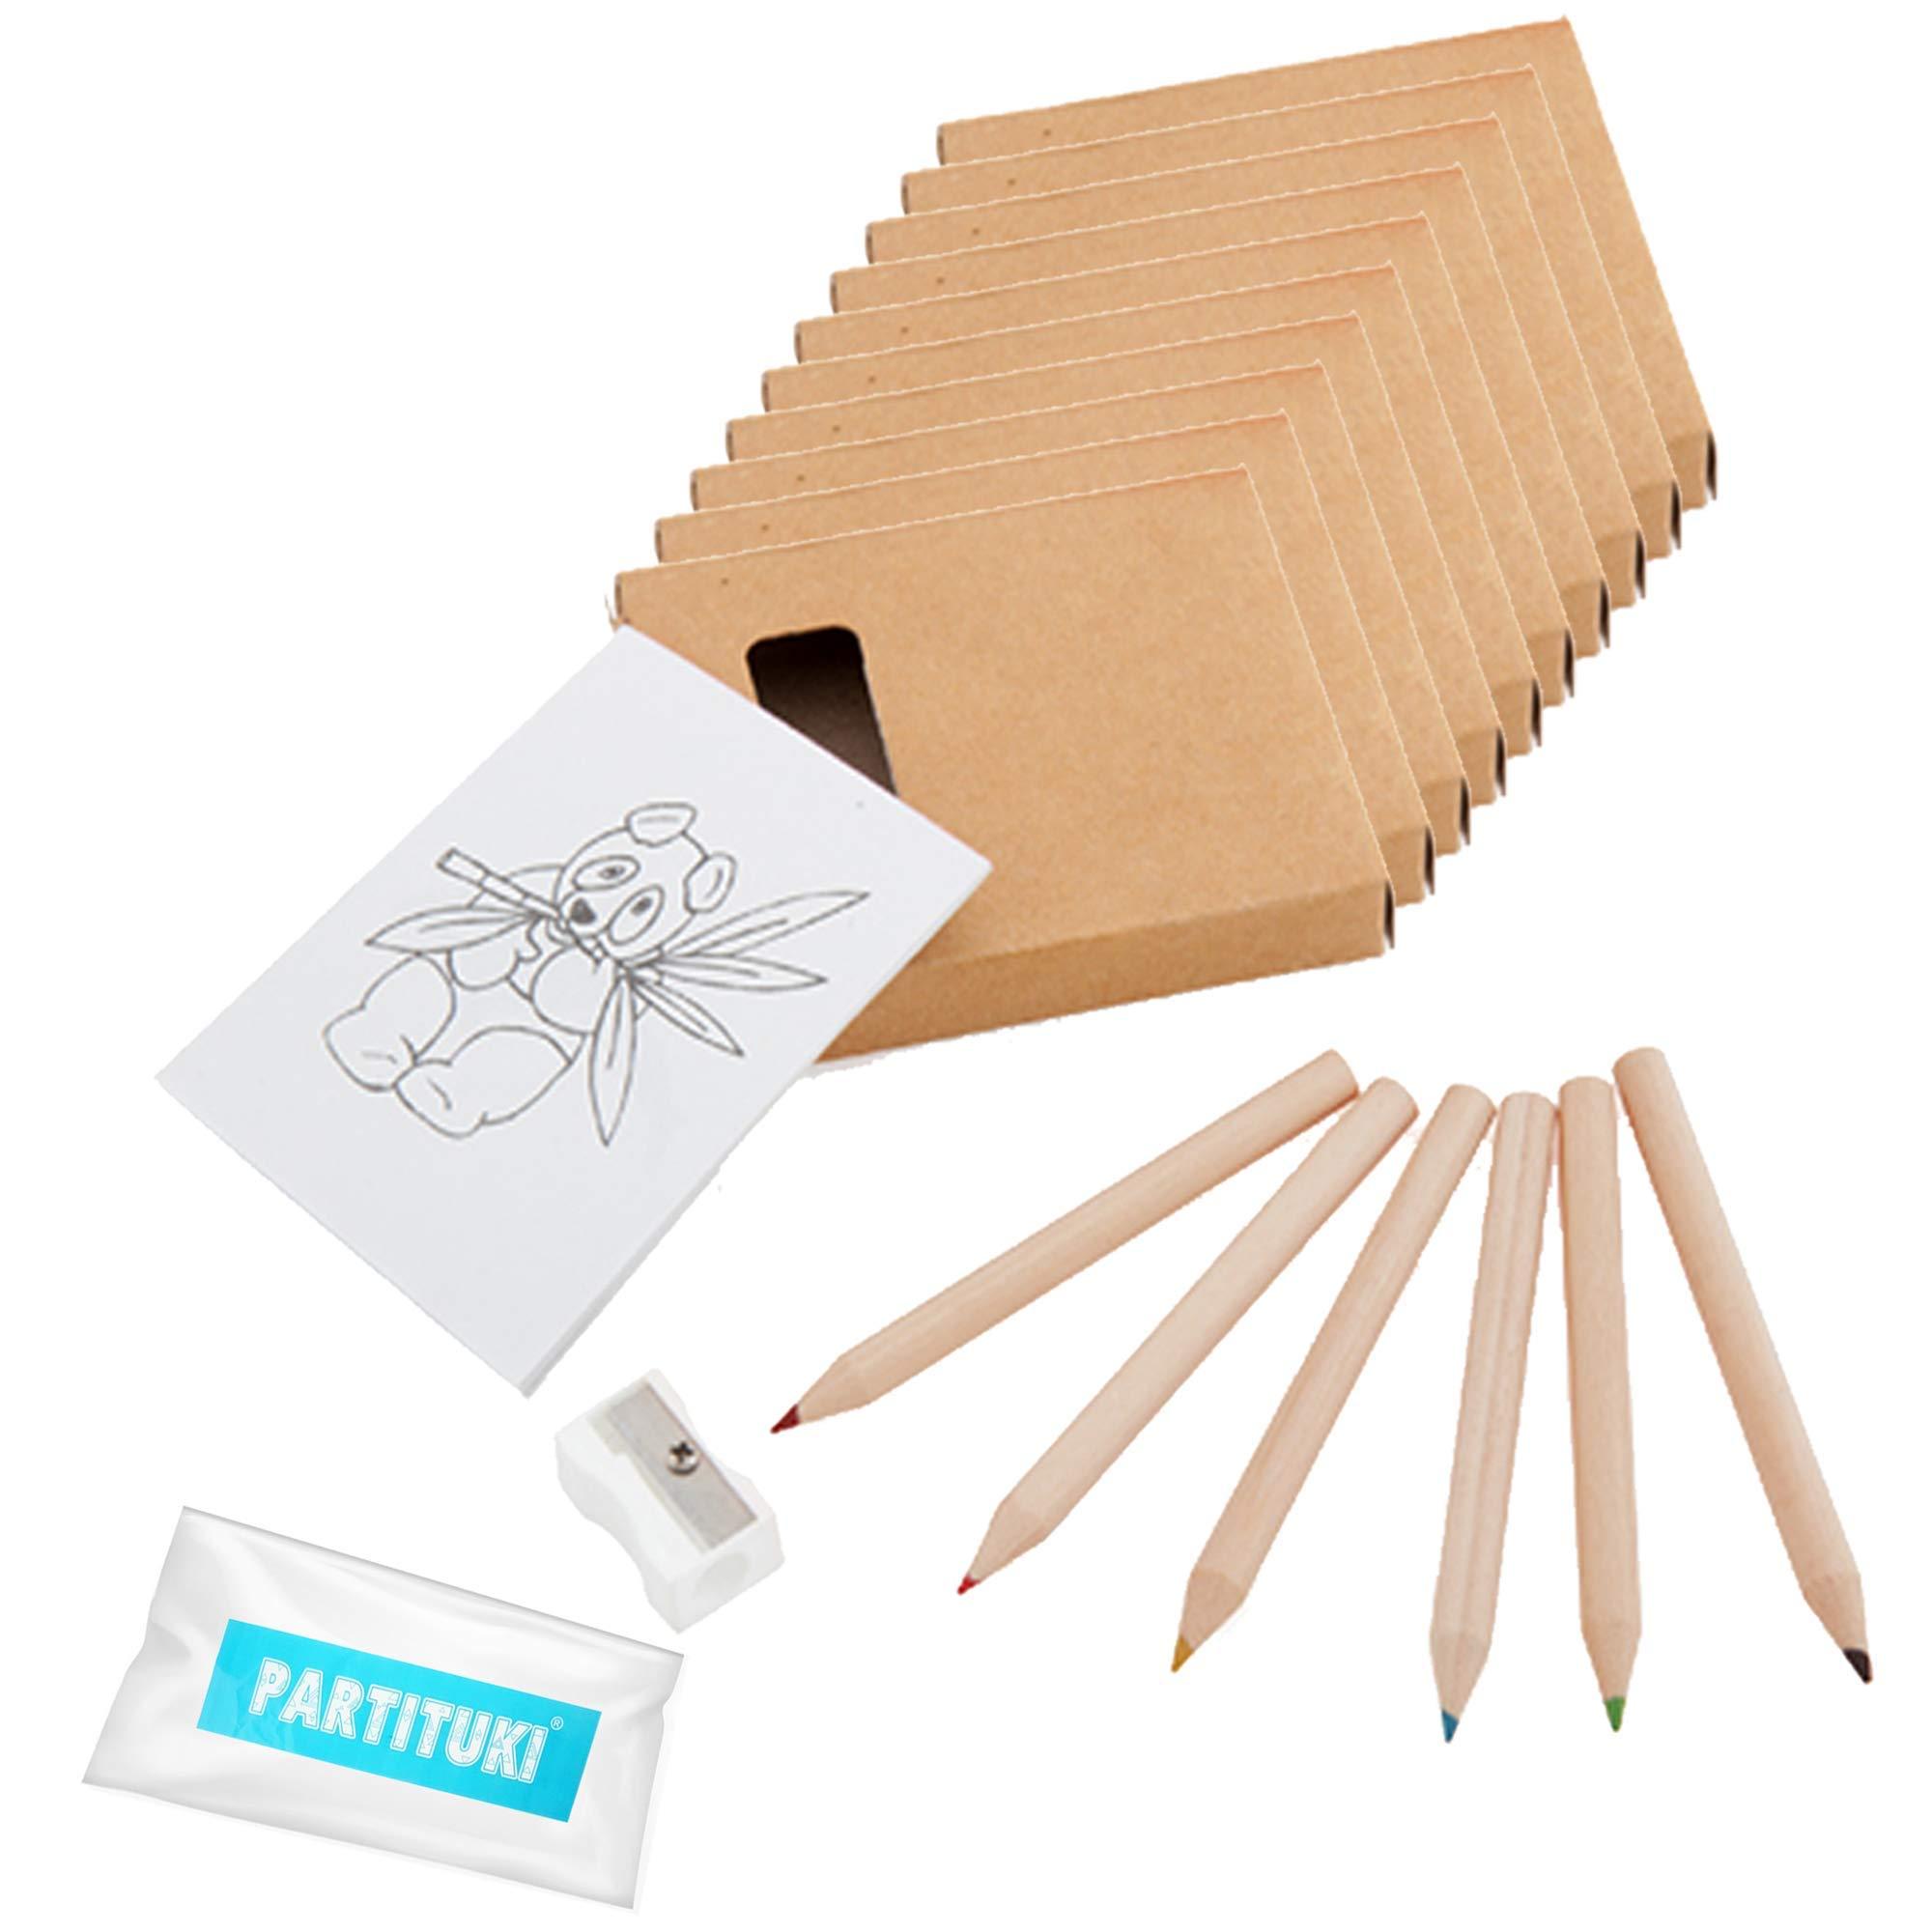 Piñatas de Cumpleaños Infantiles Partituki. 10 Packs para Colorear: 6 Lápices de Colores, 1 Bloc con Dibujos y 1 Sacapuntas. Detalles Cumpleaños Infantiles y Regalos Niños Colegio: Amazon.es: Oficina y papelería